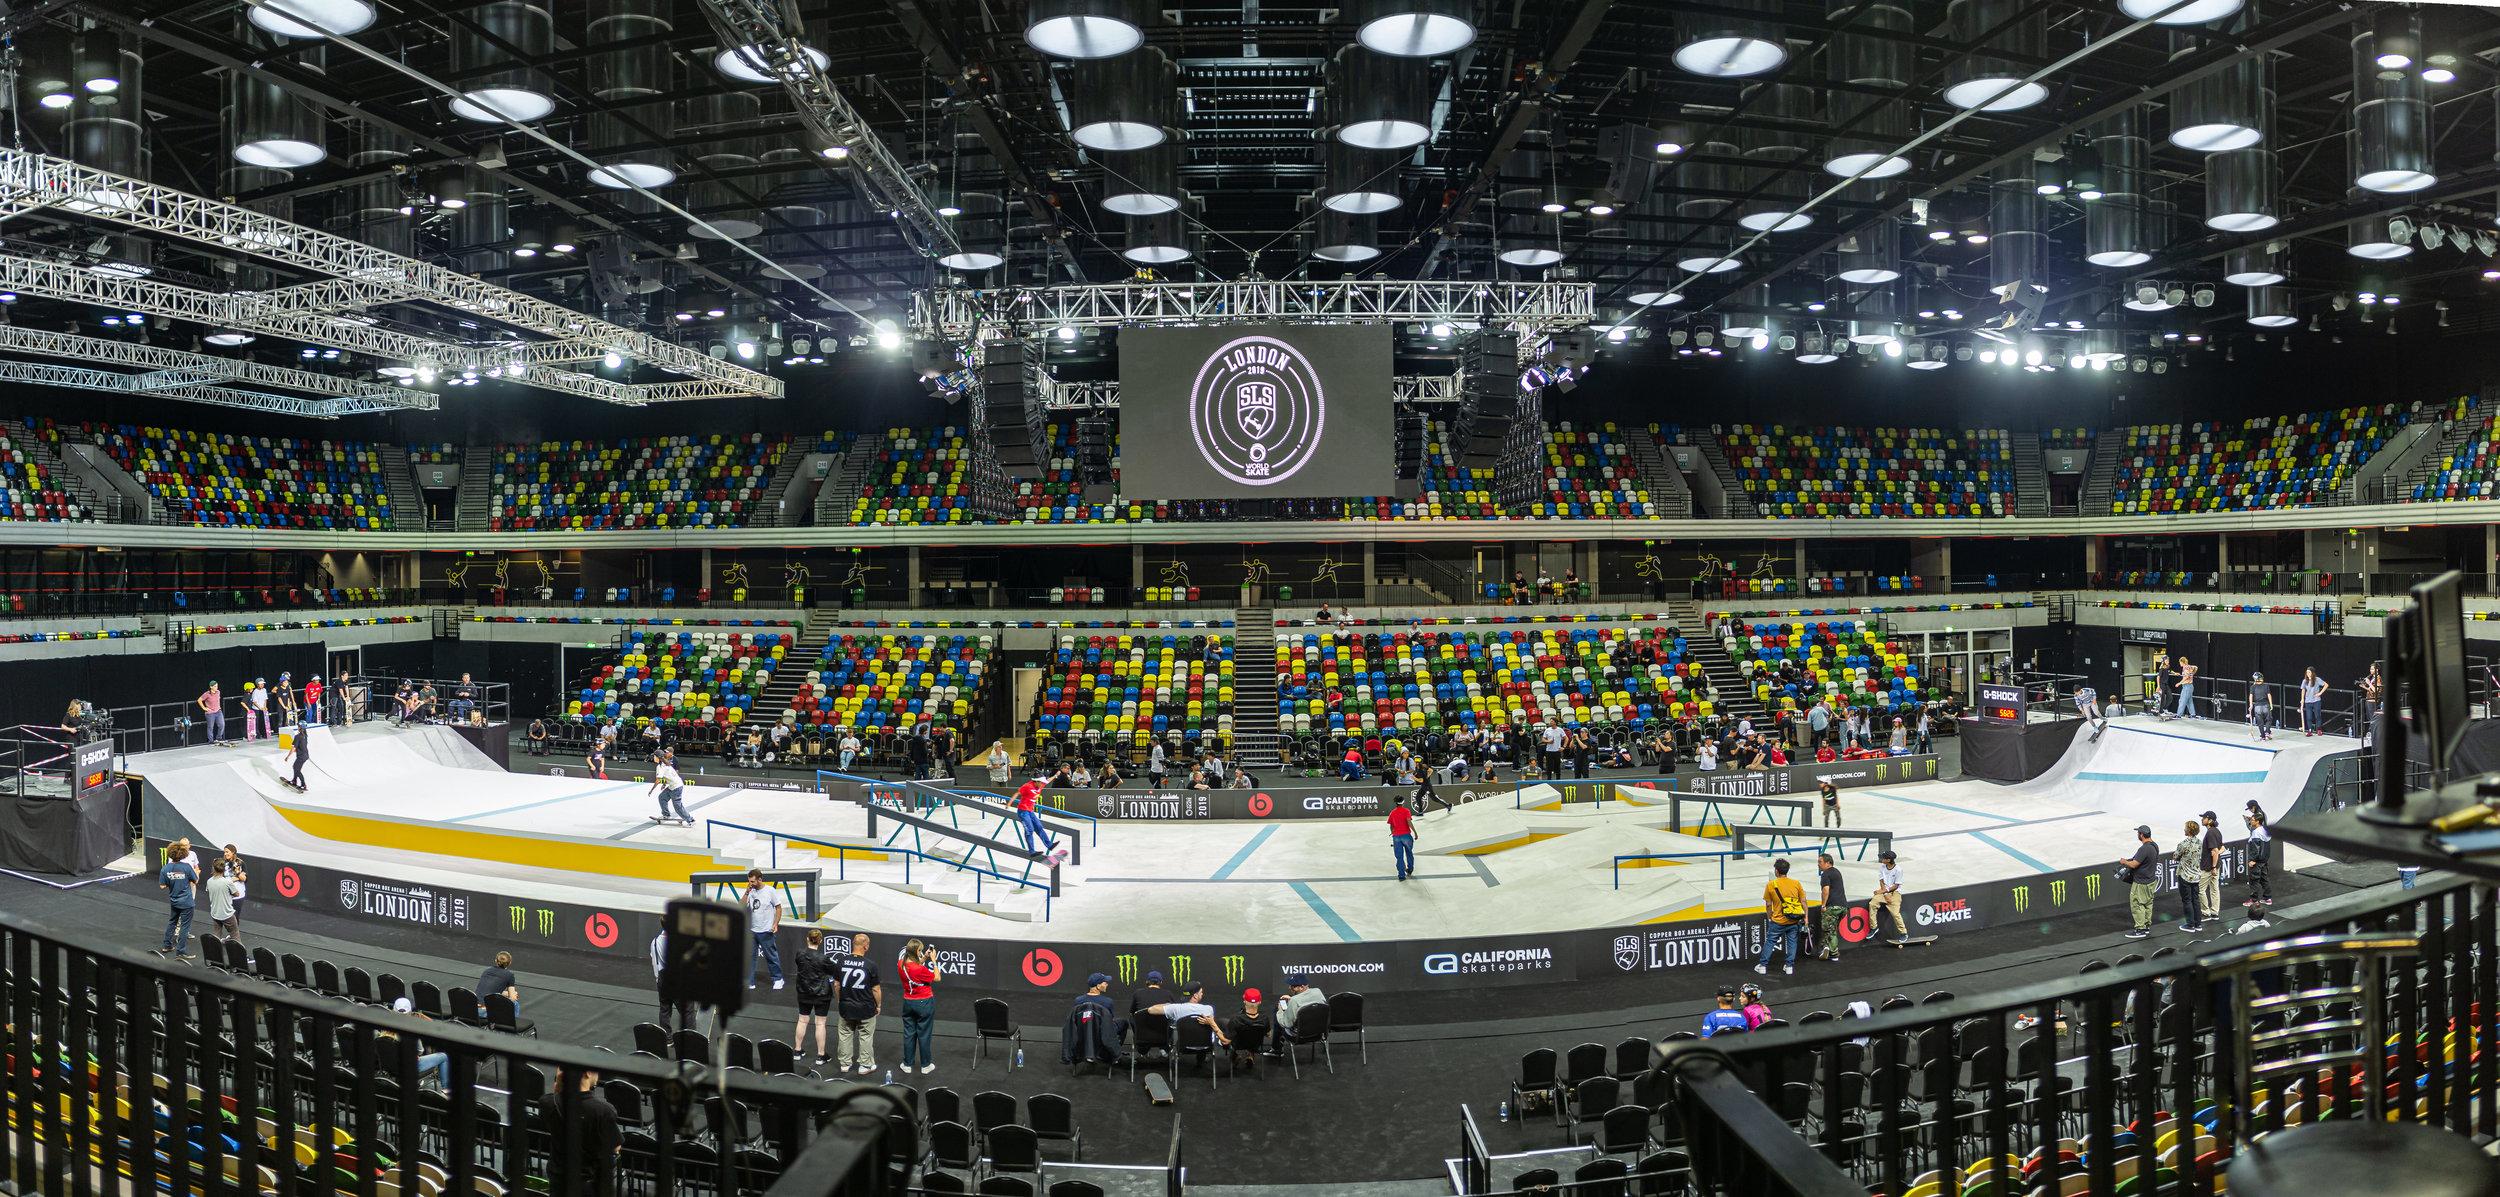 Copperbox Arena SLS 2019